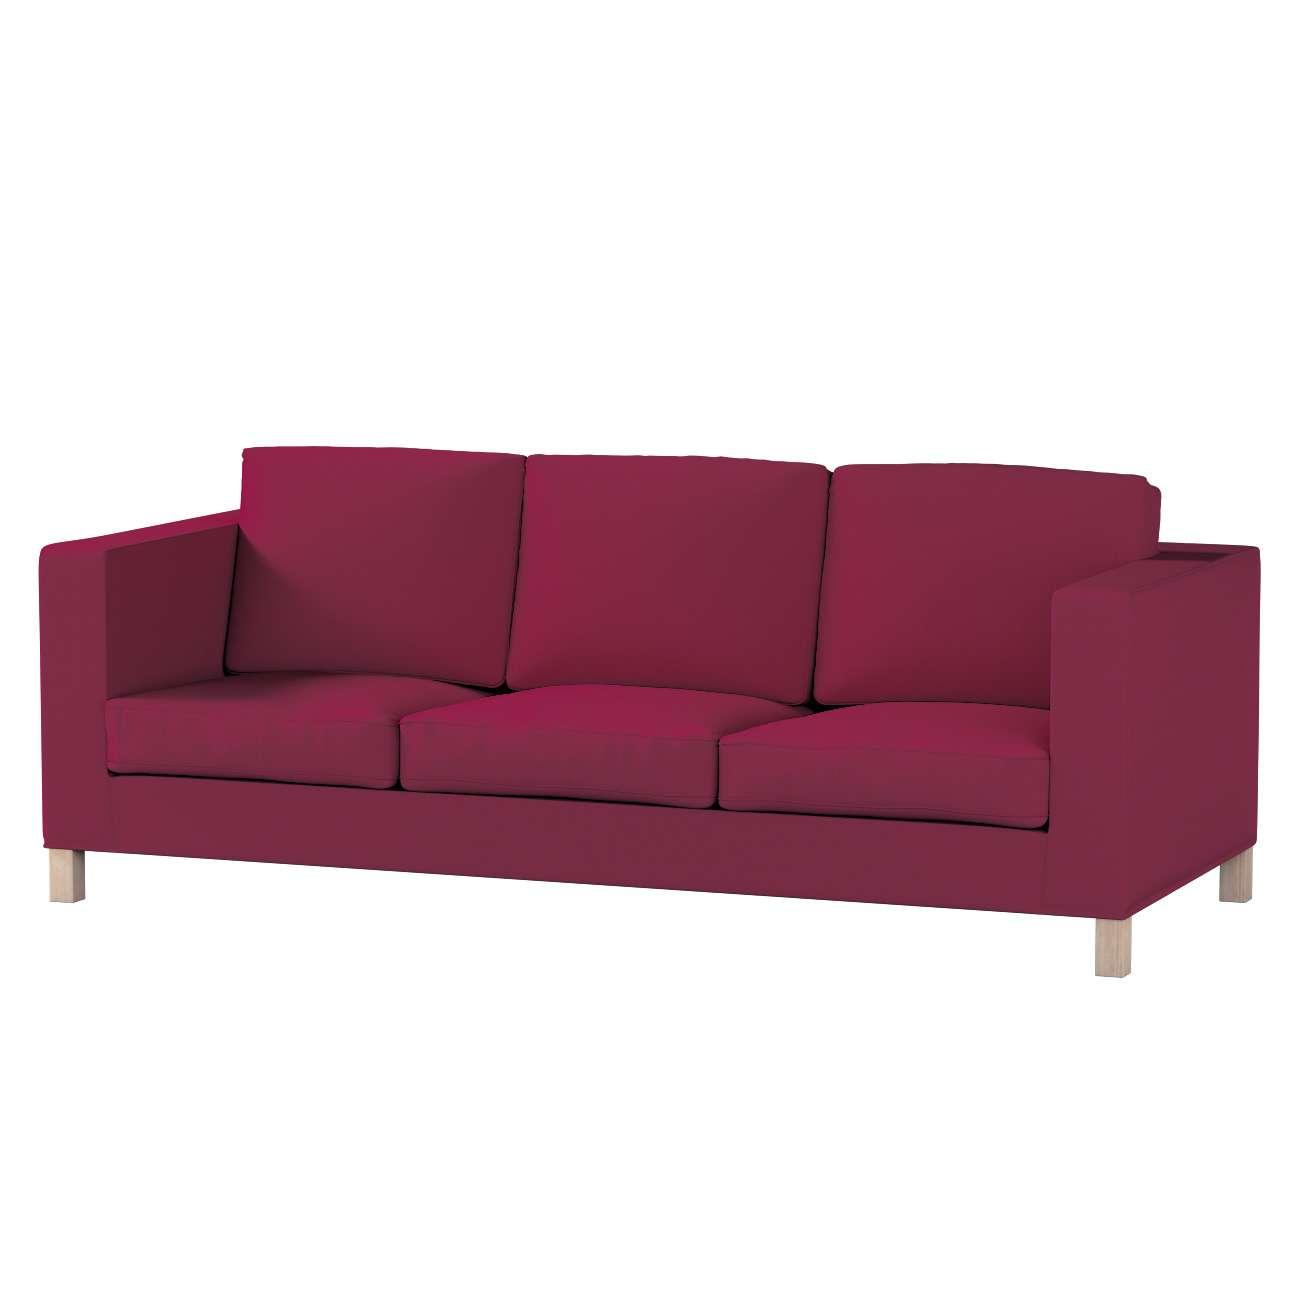 Pokrowiec na sofę Karlanda 3-osobową nierozkładaną, krótki w kolekcji Cotton Panama, tkanina: 702-32